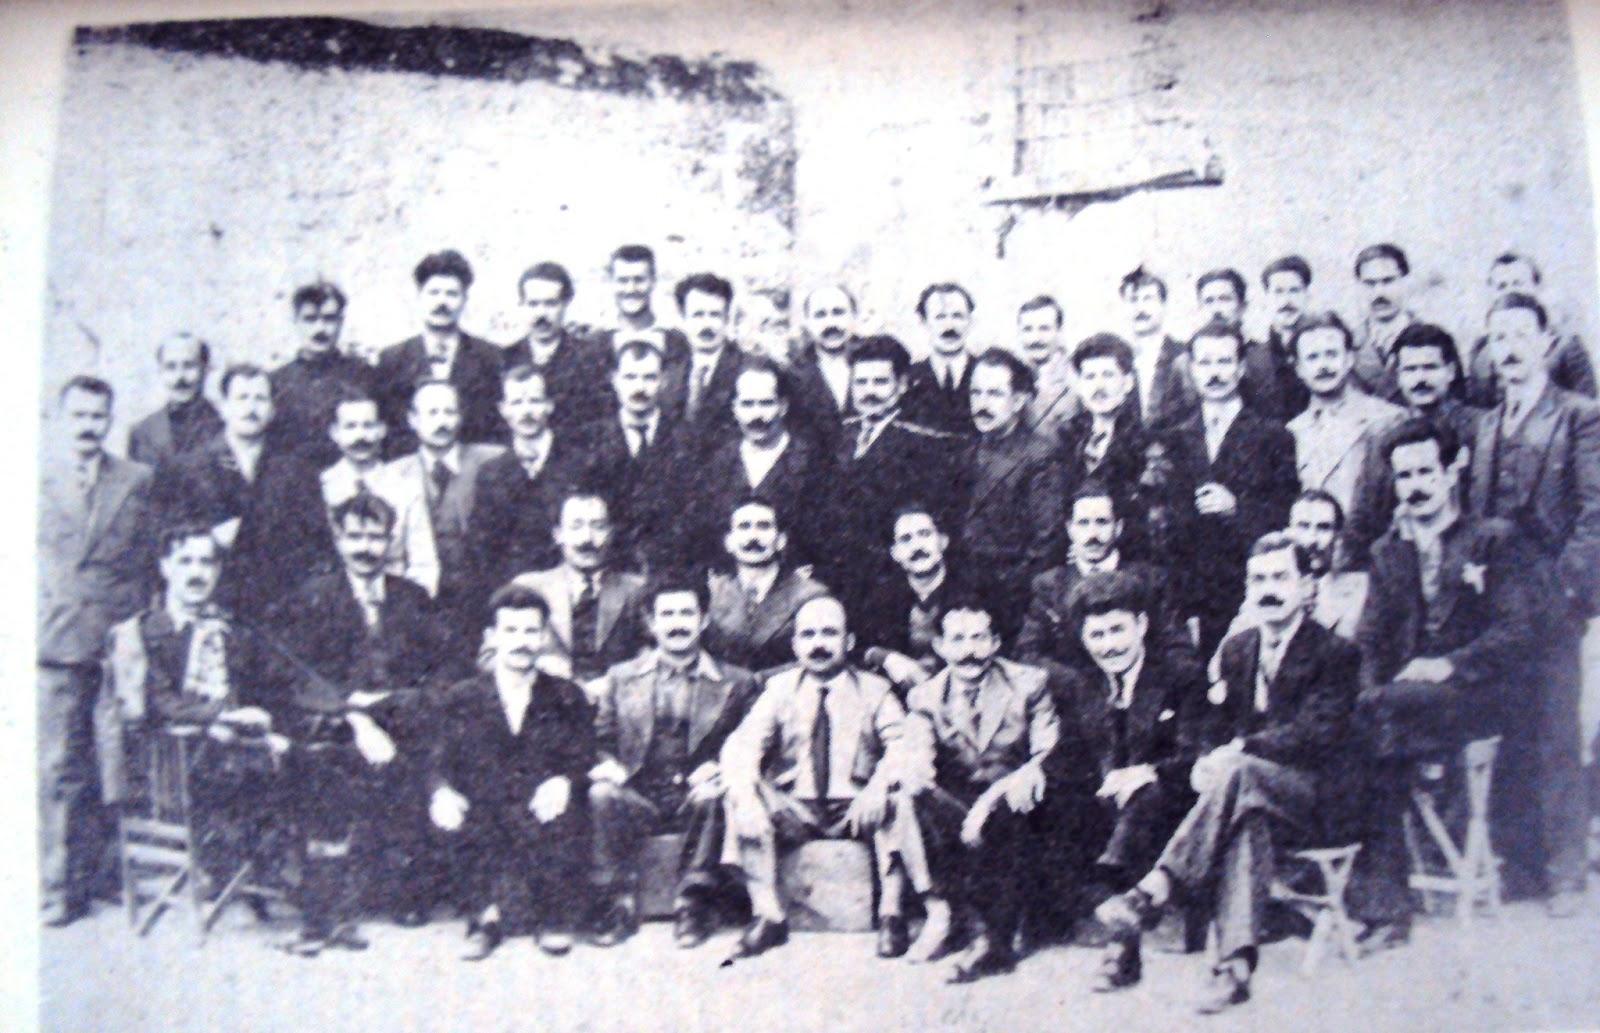 Ομάδα πολιτικών κρατούμενων που εργάζονταν στα συνεργεία της Ακροναυπλιάς. Πολλοί από αυτούς εκτελέστηκαν στην Κατοχή και τον Εμφύλιο